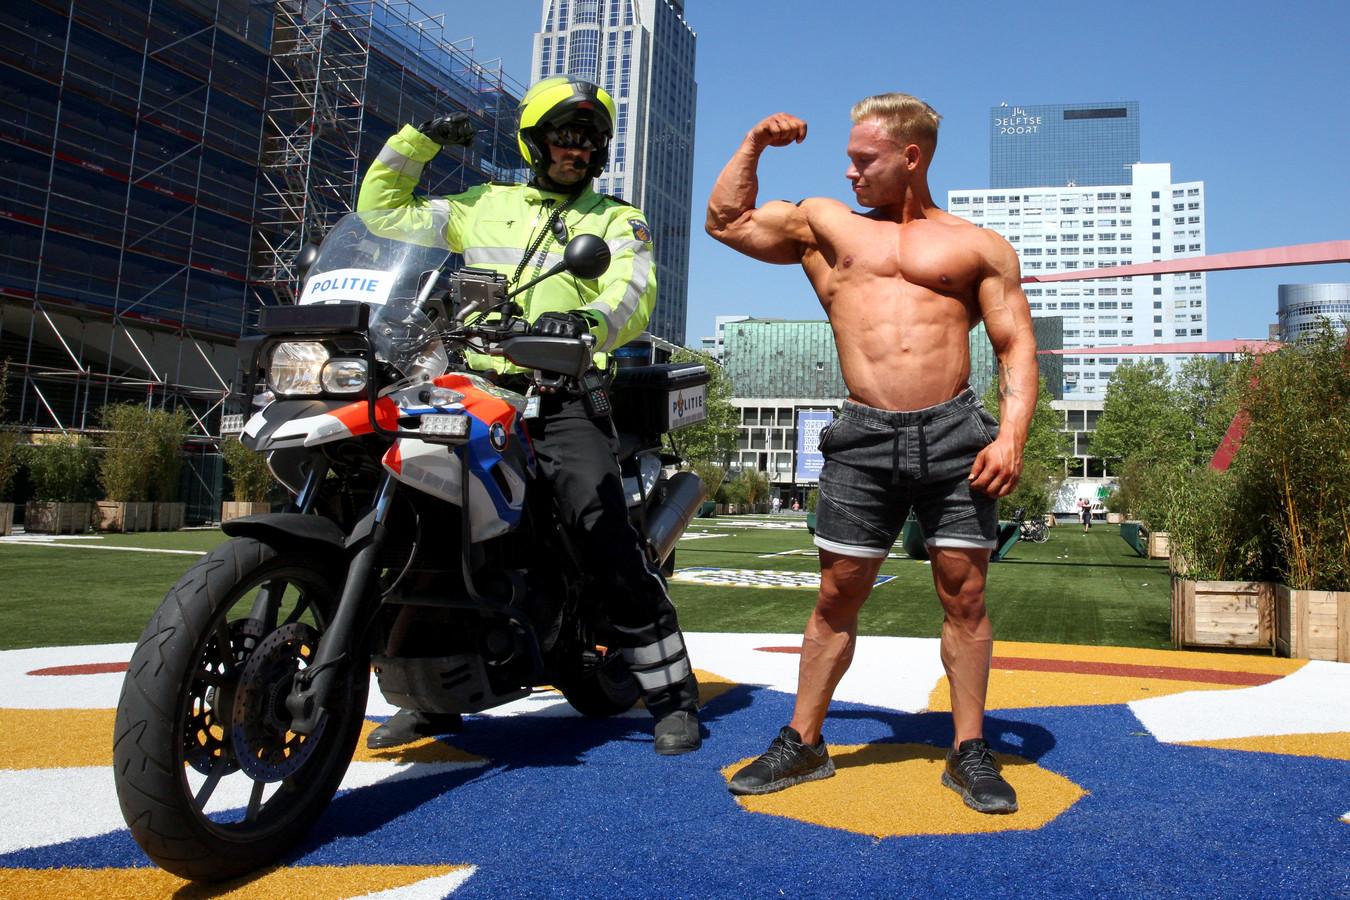 Volgens Salm wilde de agent hem arresteren omdat zijn  'guns te groot zijn'. ,,Dat is bodybuildingslang voor 'te dikke armspieren'.''